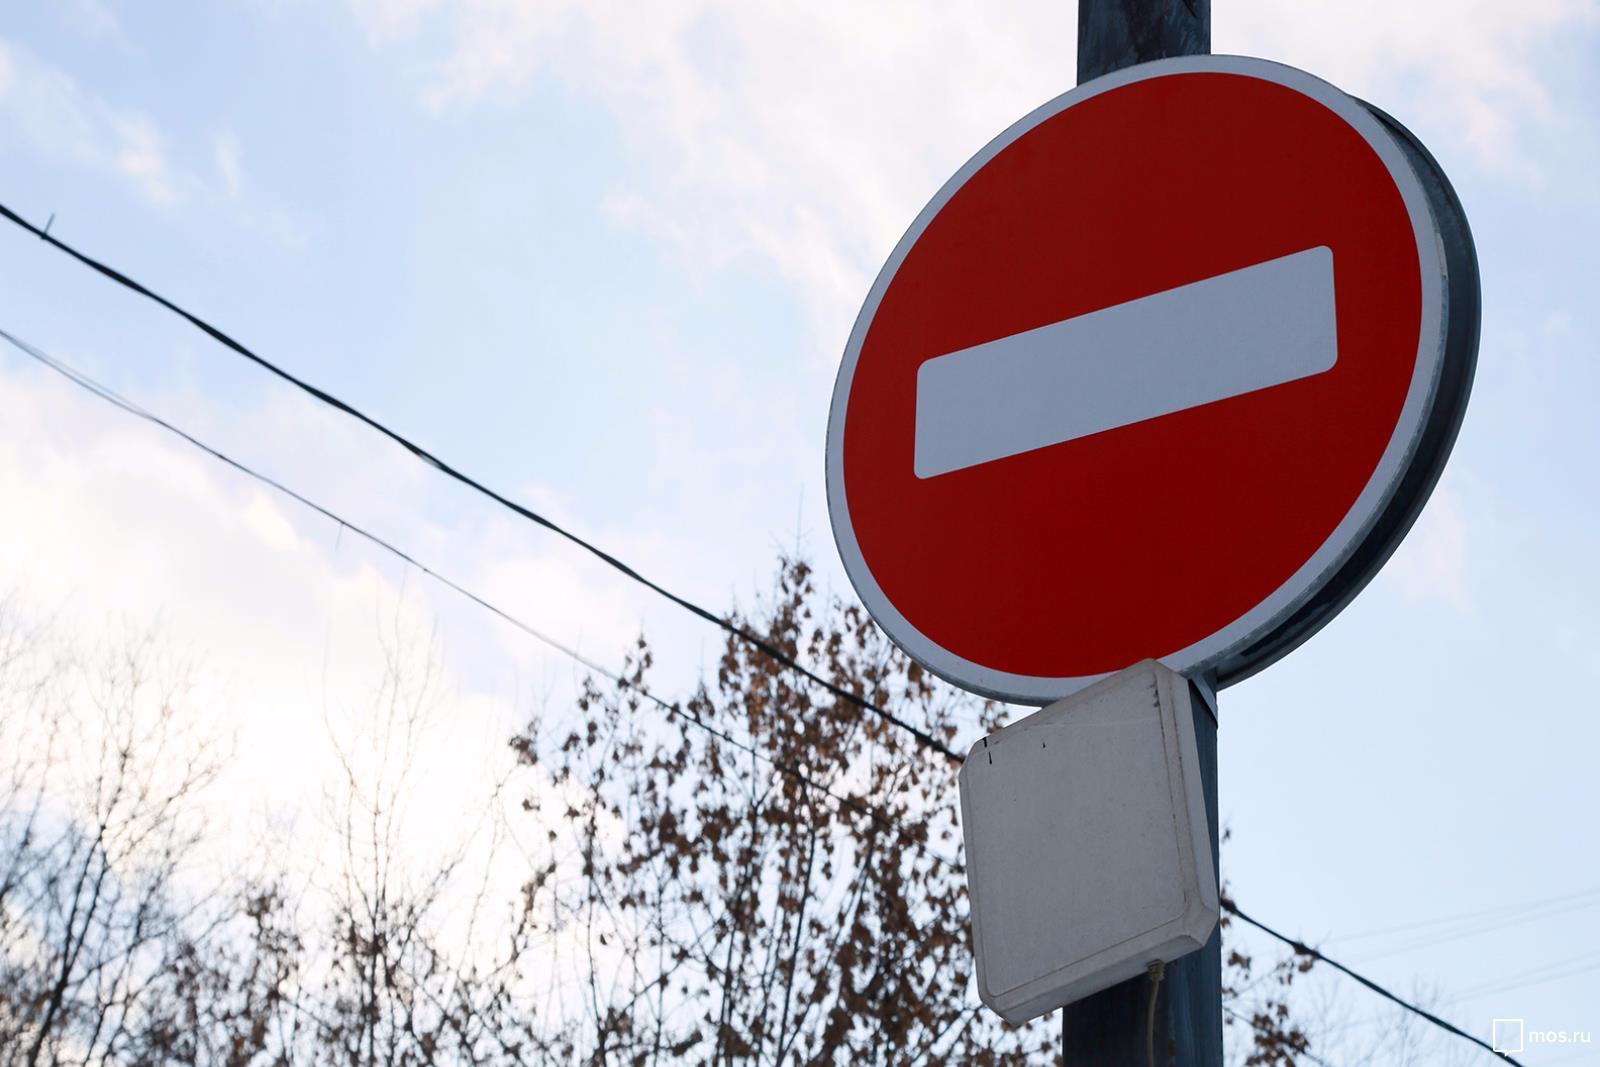 5 апреля ограничат движение и парковку на улице Советской